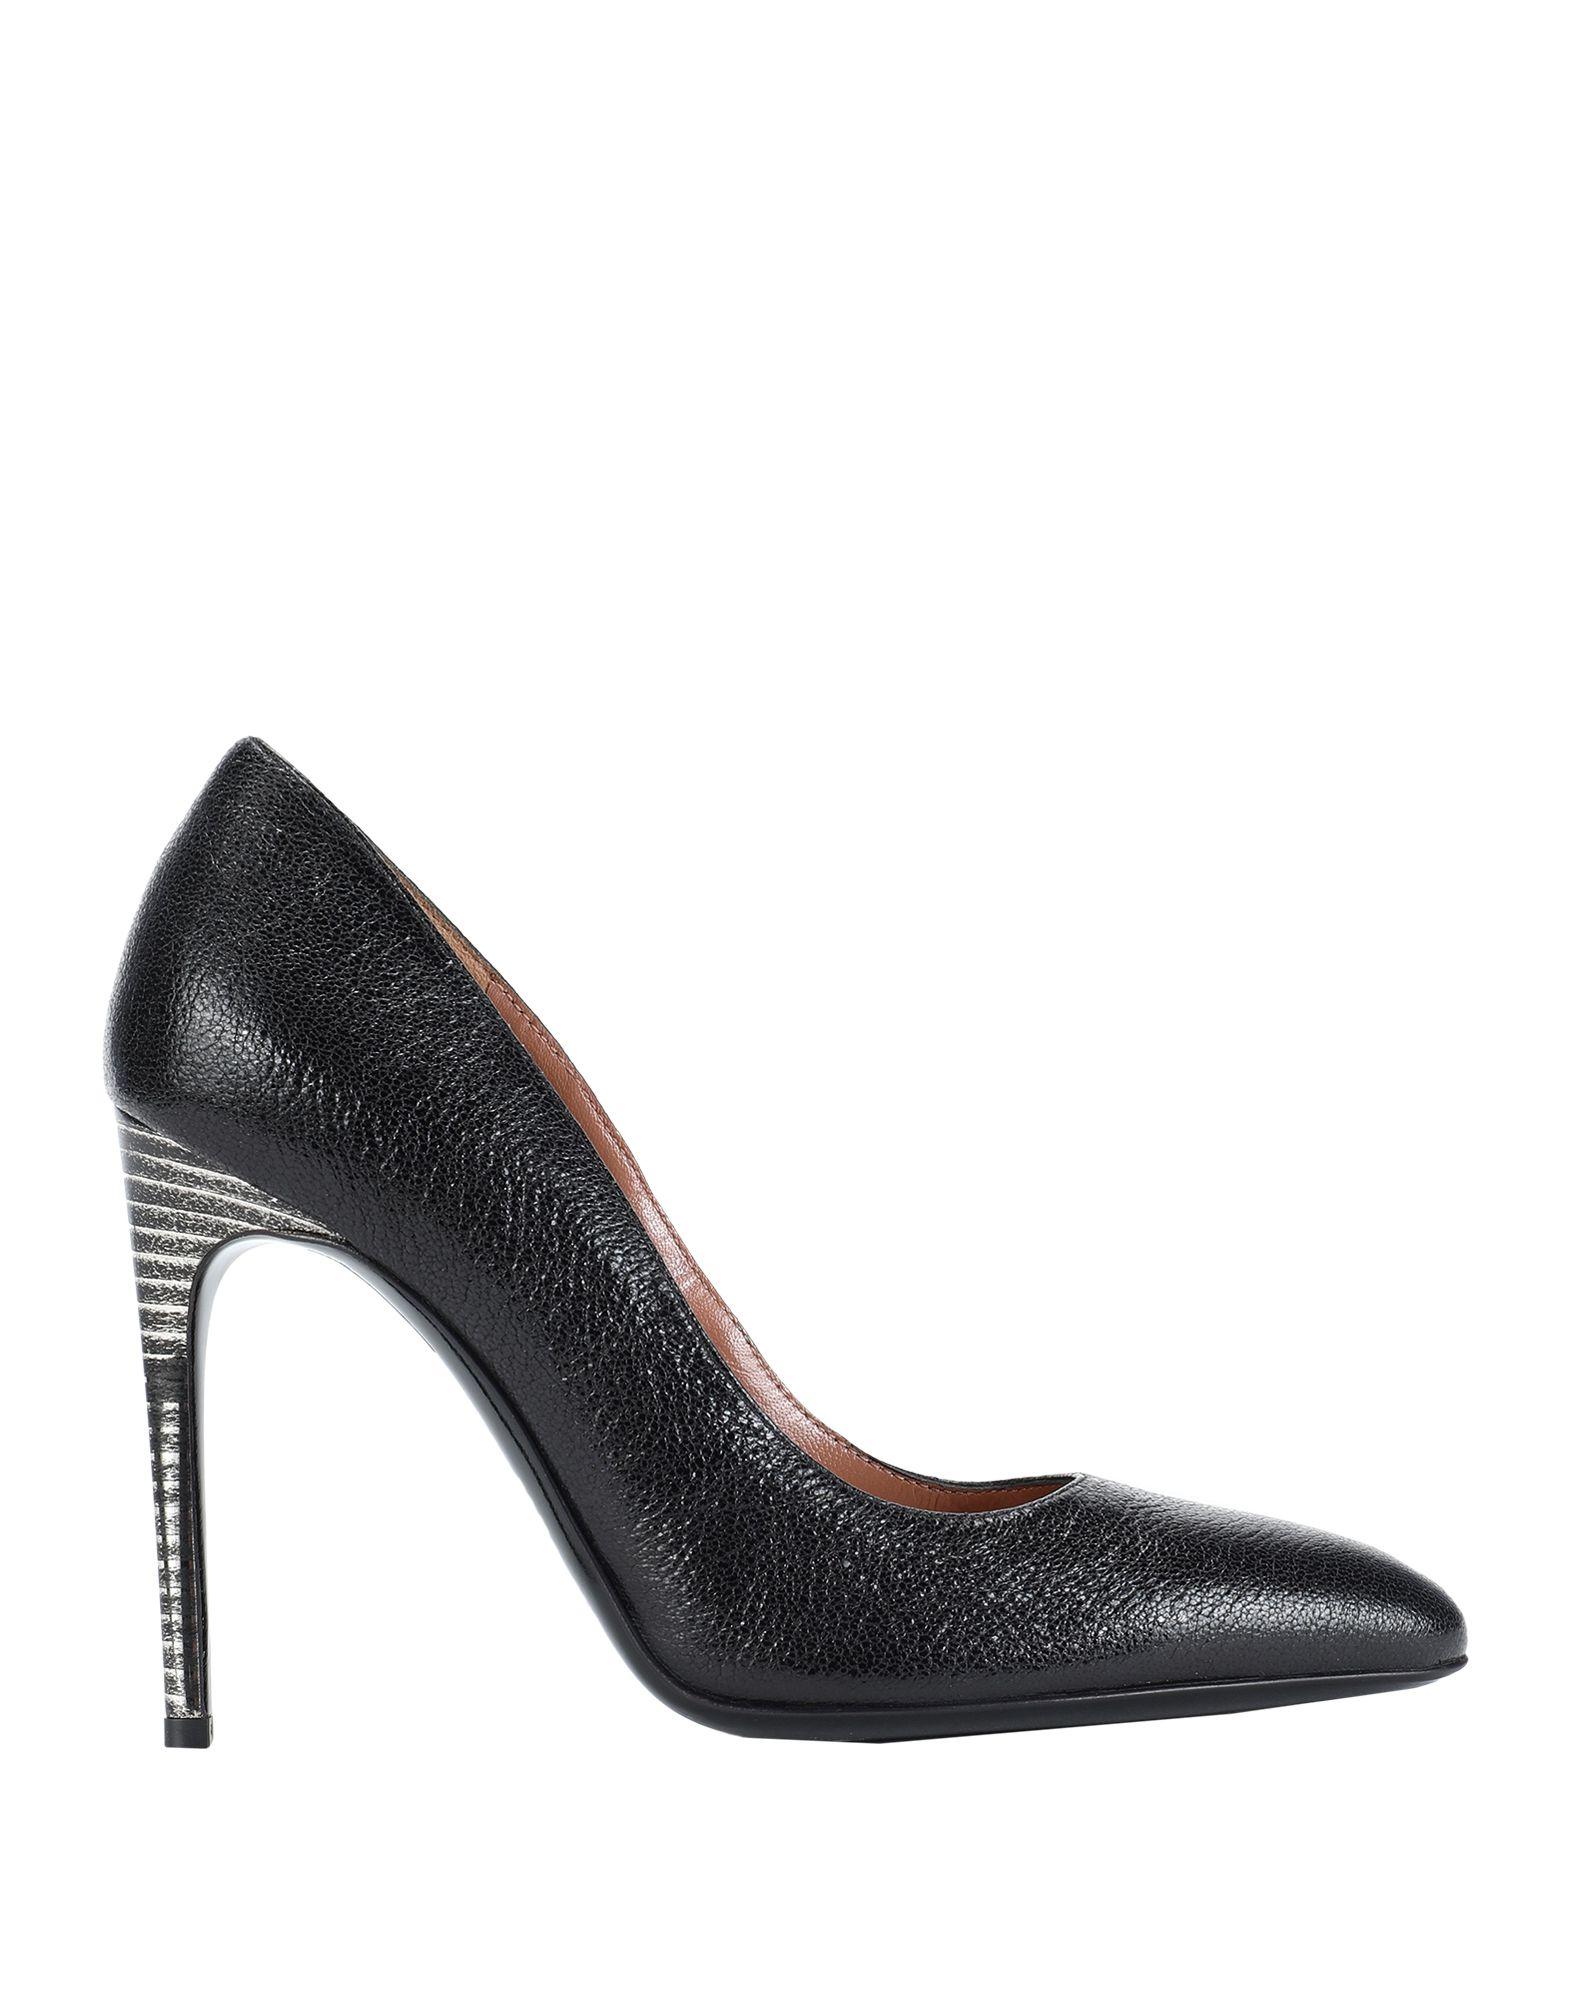 Rabatt Schuhe Pollini Damen Pumps Damen Pollini  11538455QA 403ea3